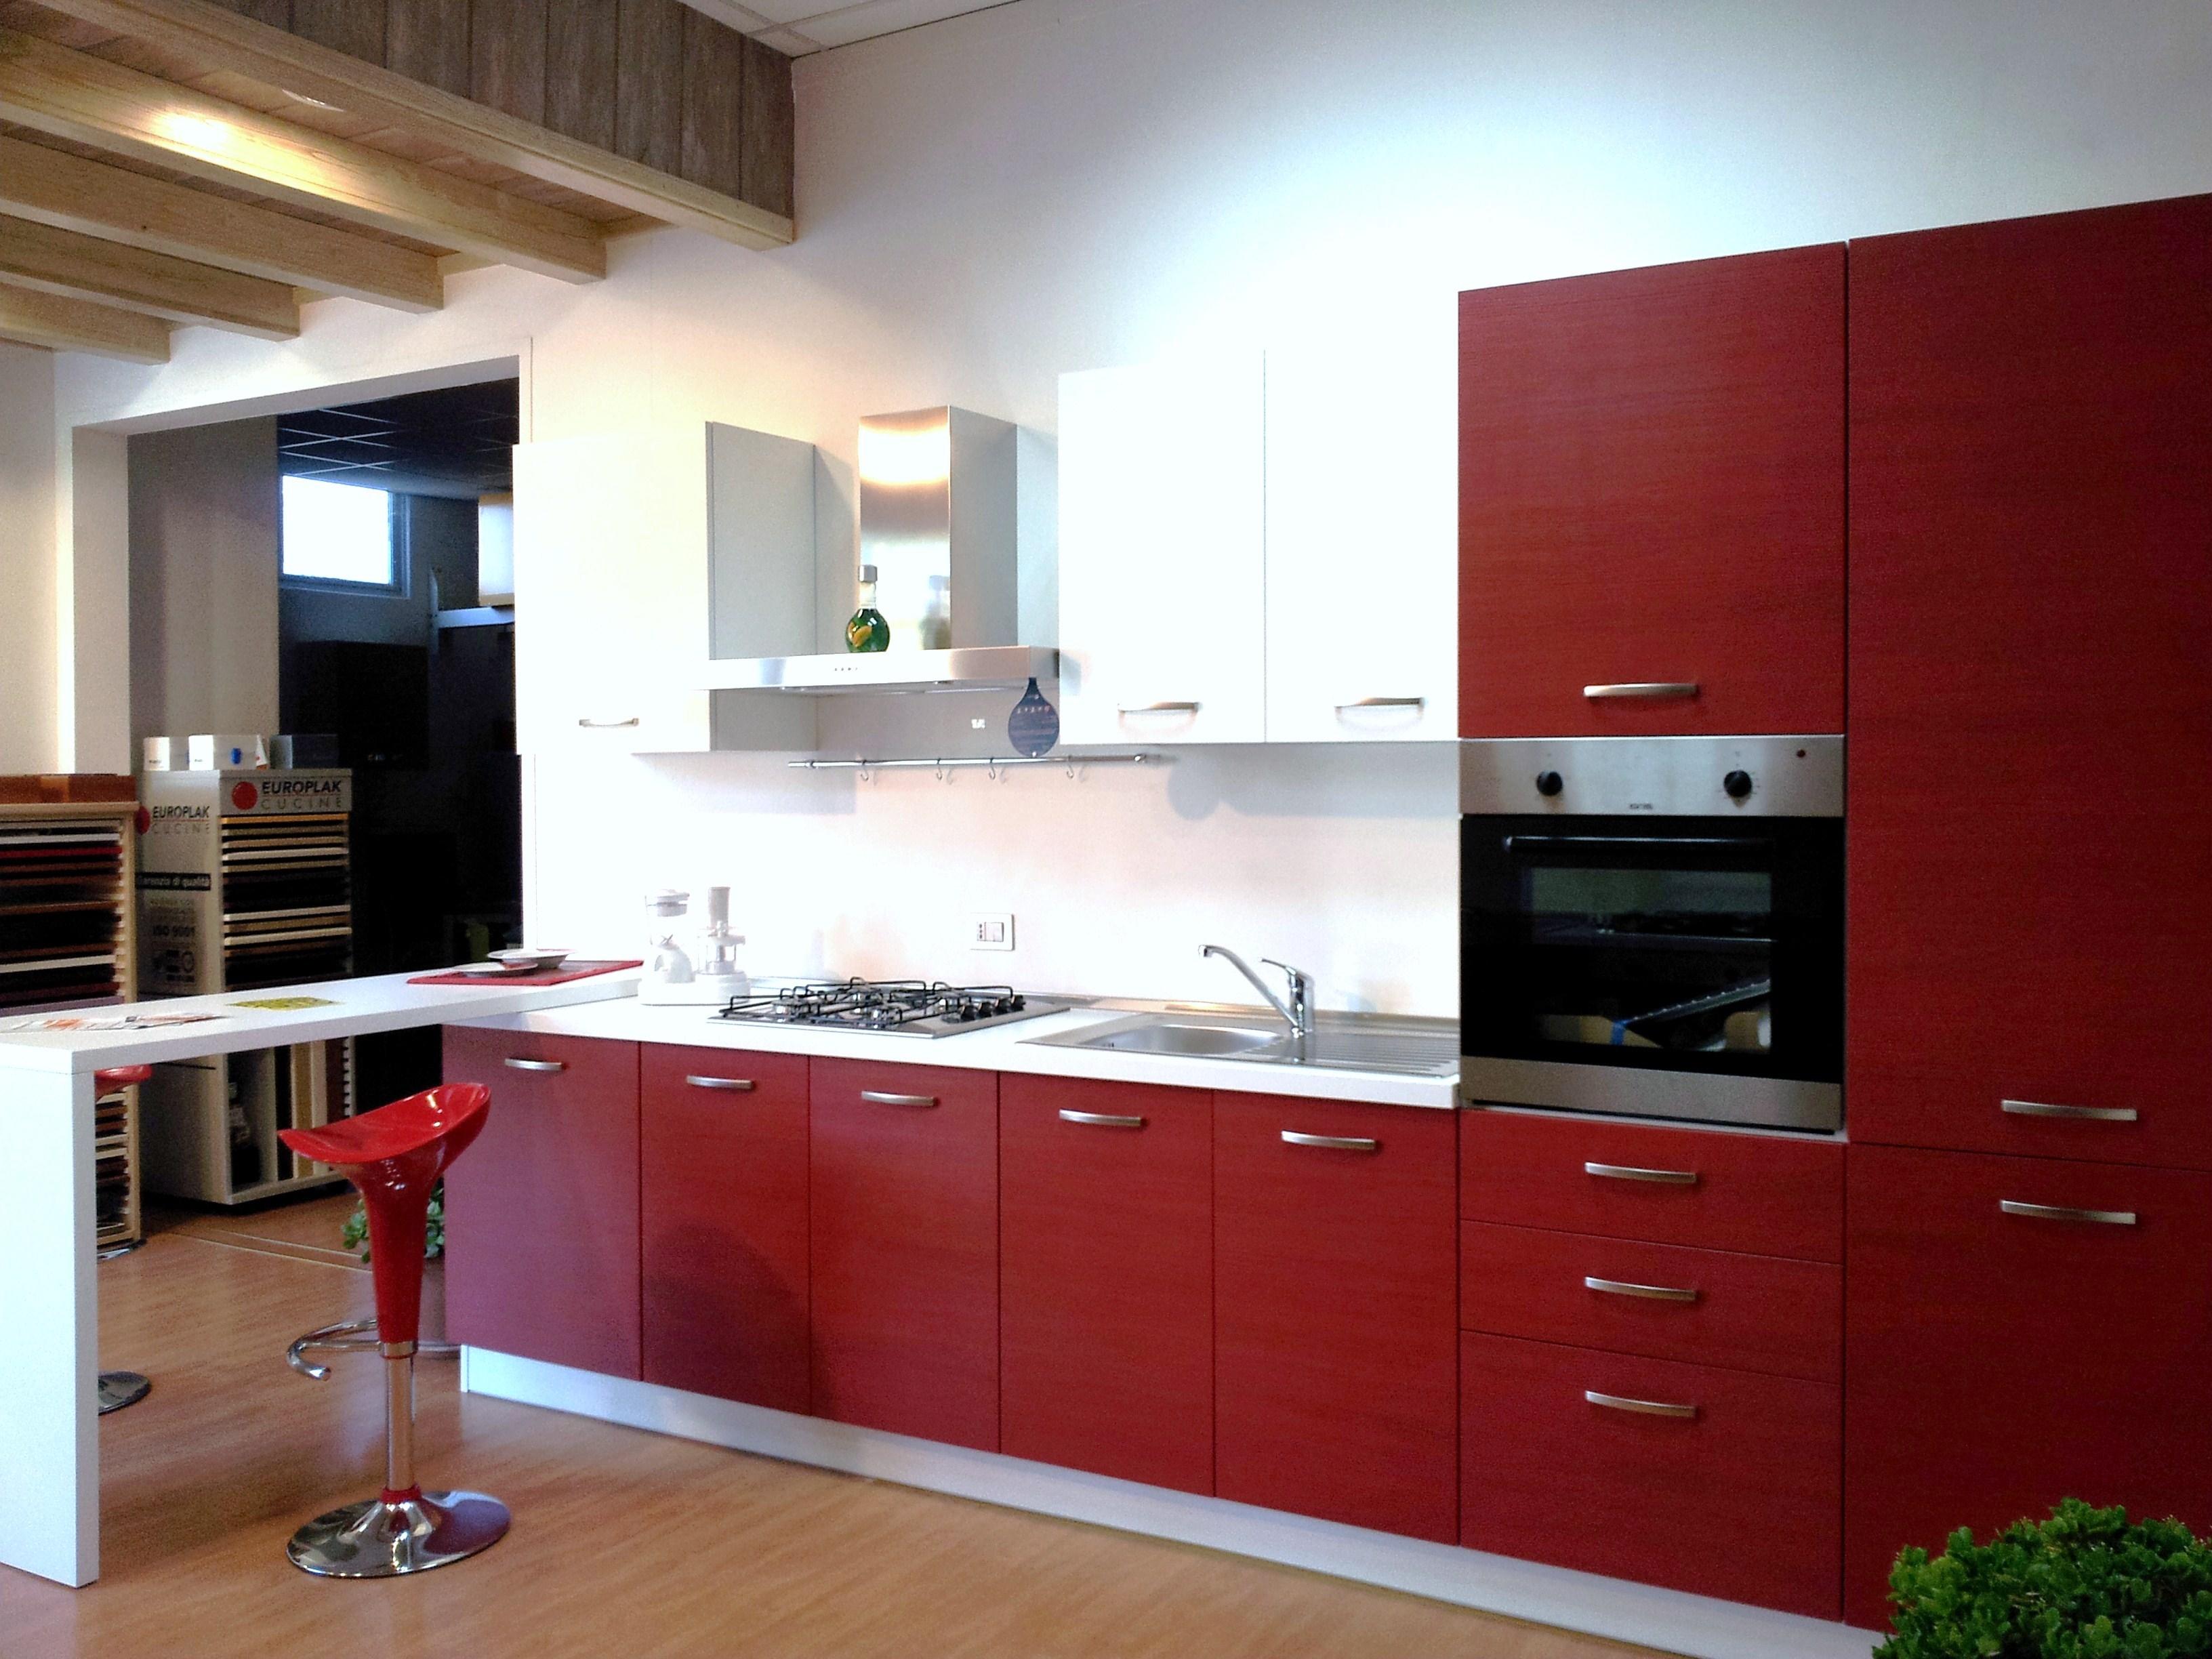 Cucina moderna con penisola cucine a prezzi scontati for Cucine componibili ad angolo prezzi